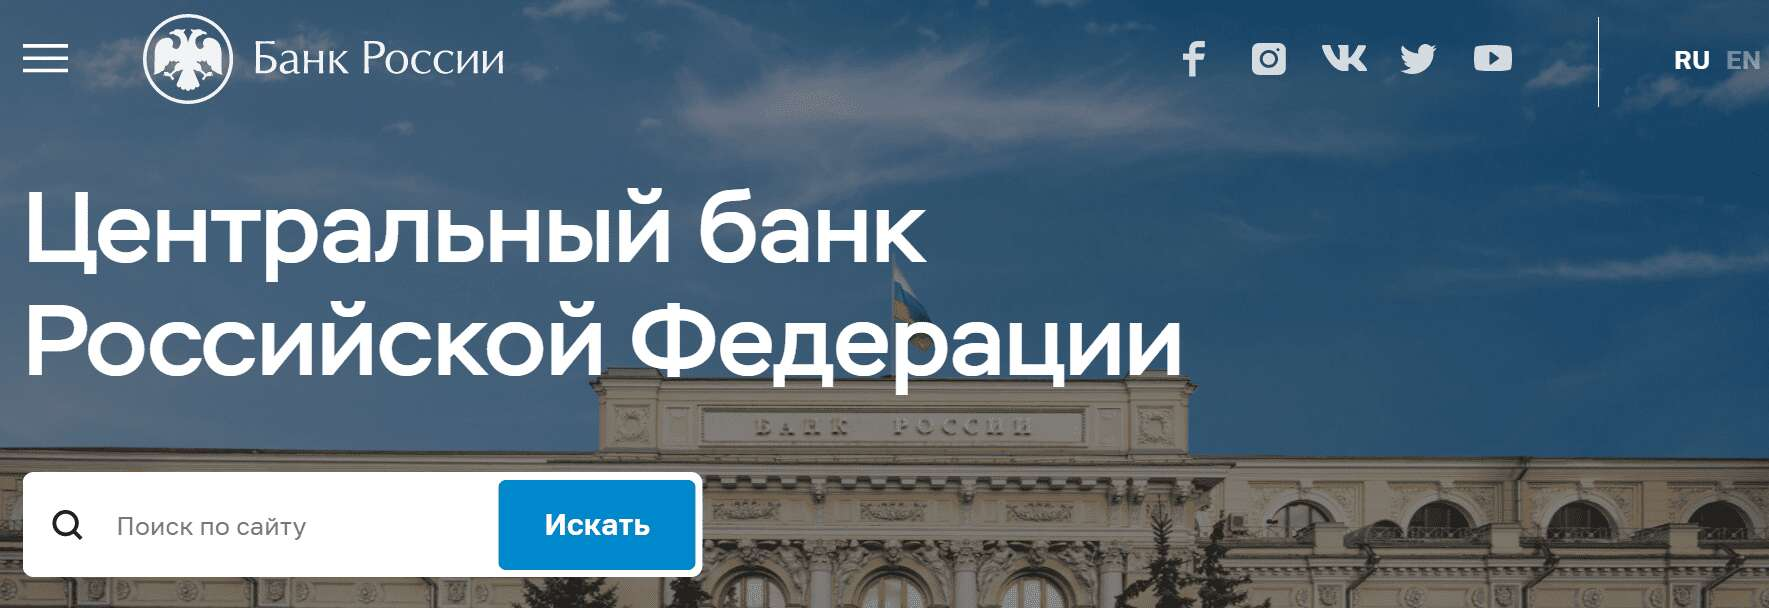 Официальный сайт банка «Центральный банк Российской Федерации»